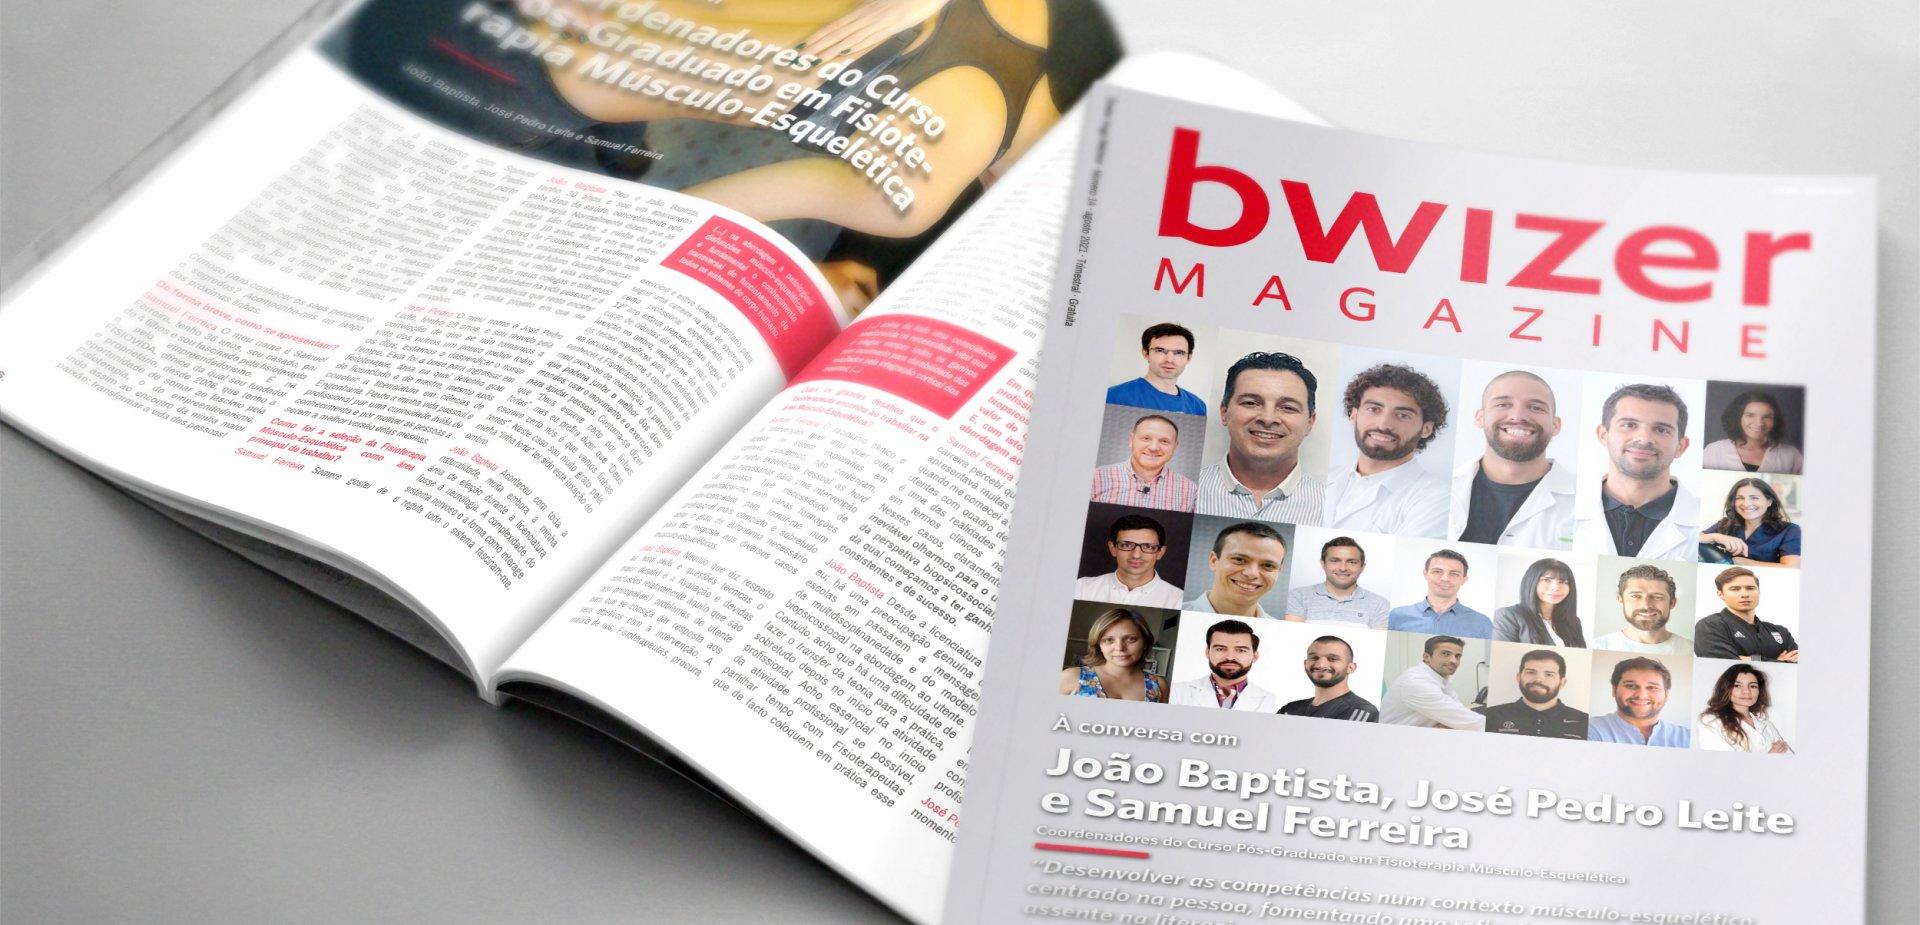 Bwizer Magazine - 14ª edição da Revista